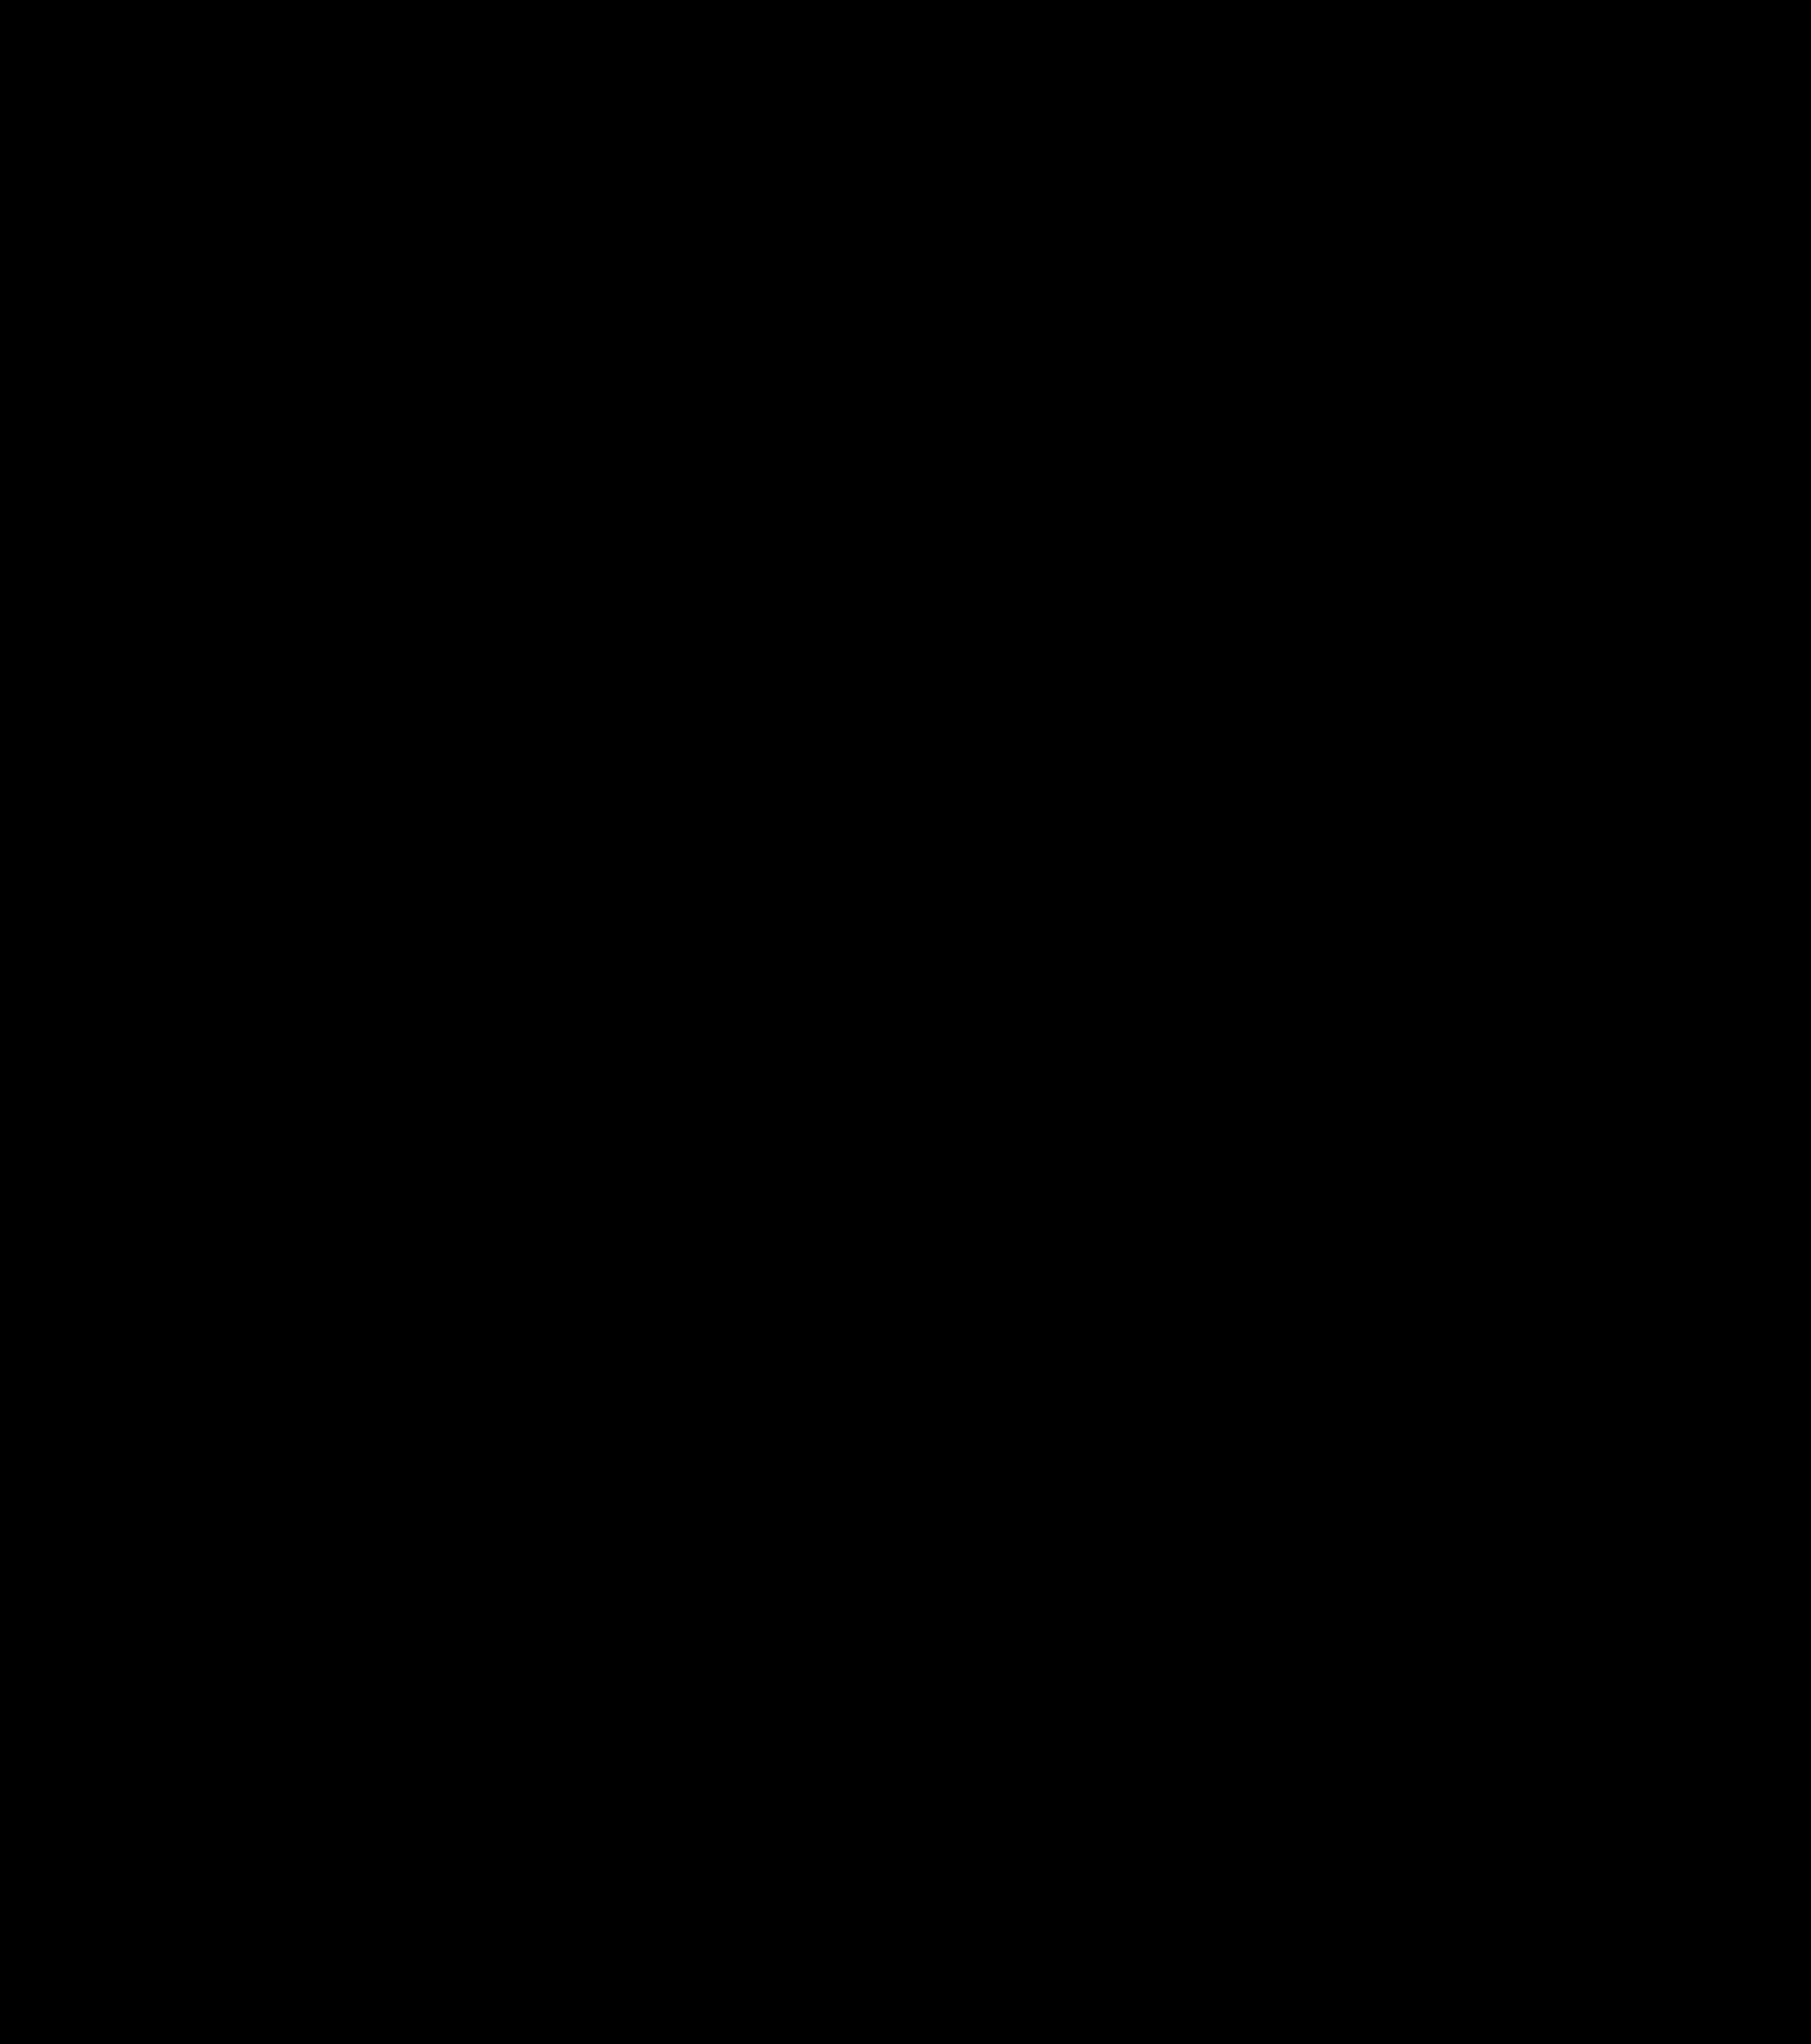 kate-macmillan